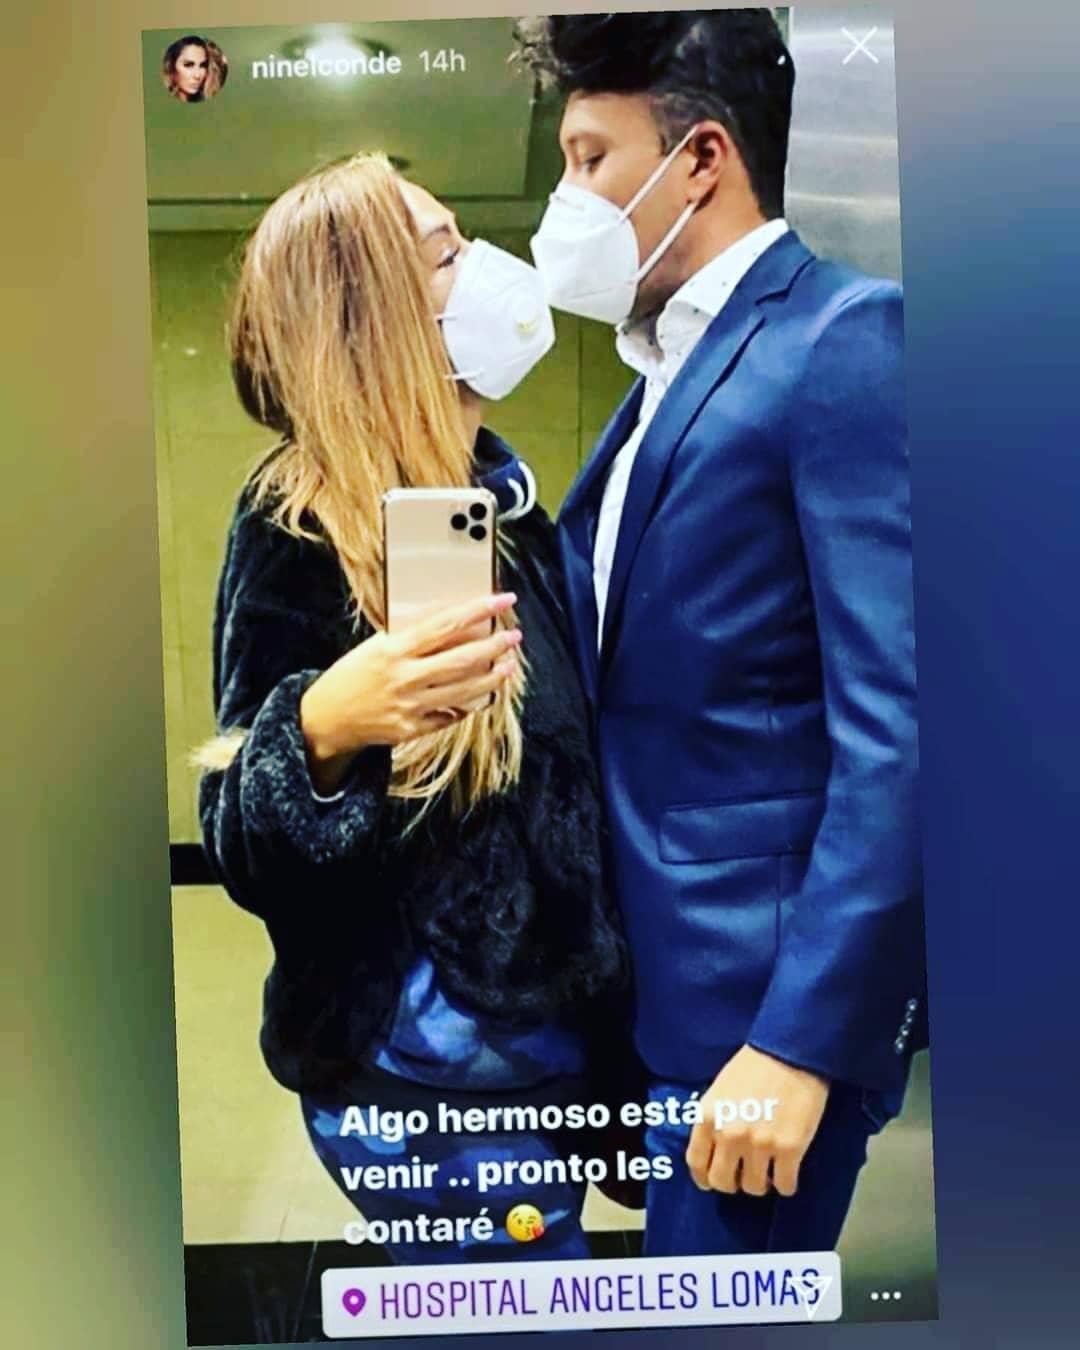 Novio de Ninel Conde también anduvo con Frida Sofía